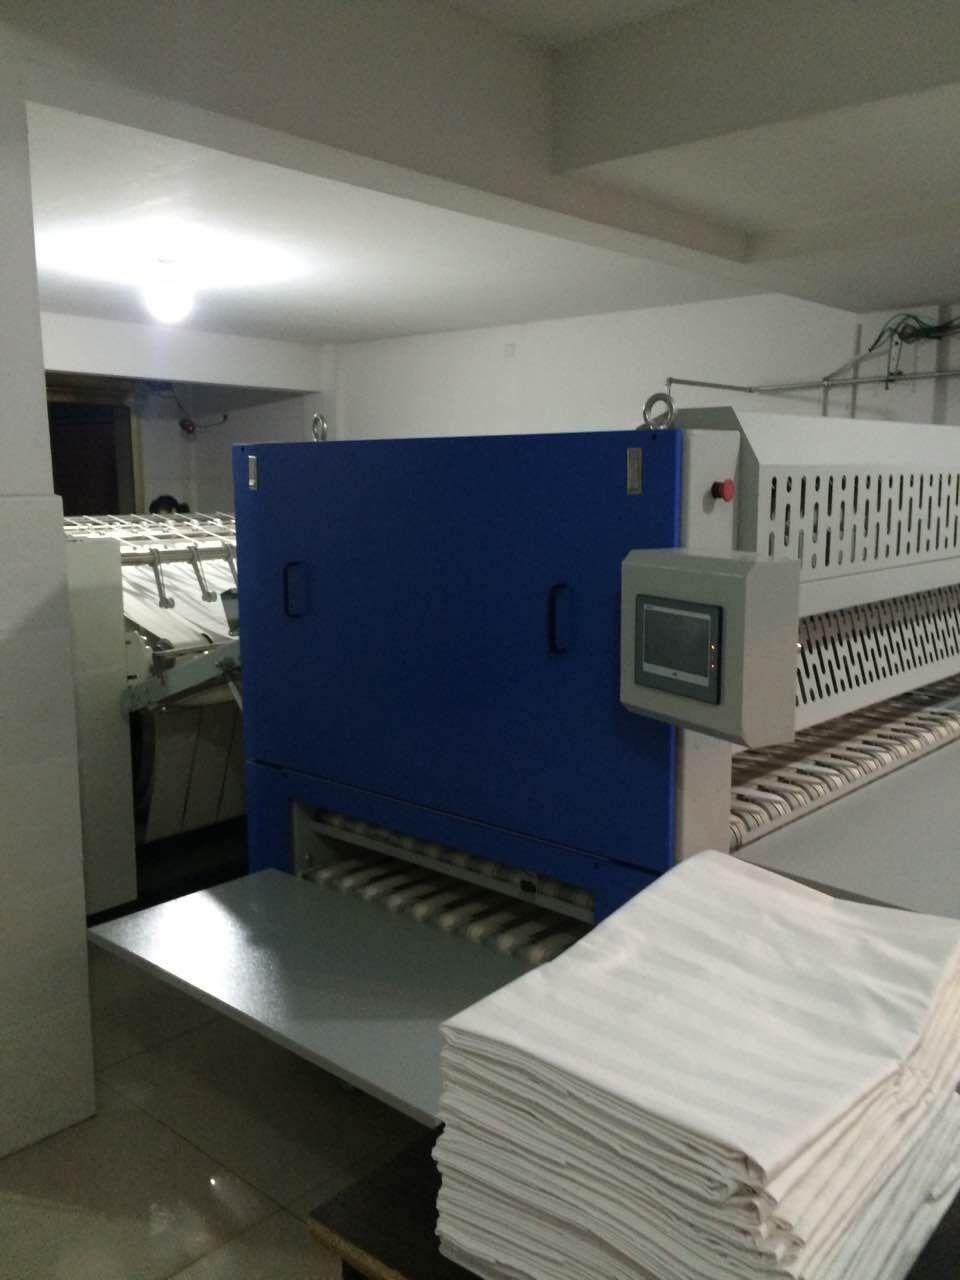 鸿运国际烫平机洗衣房应用案